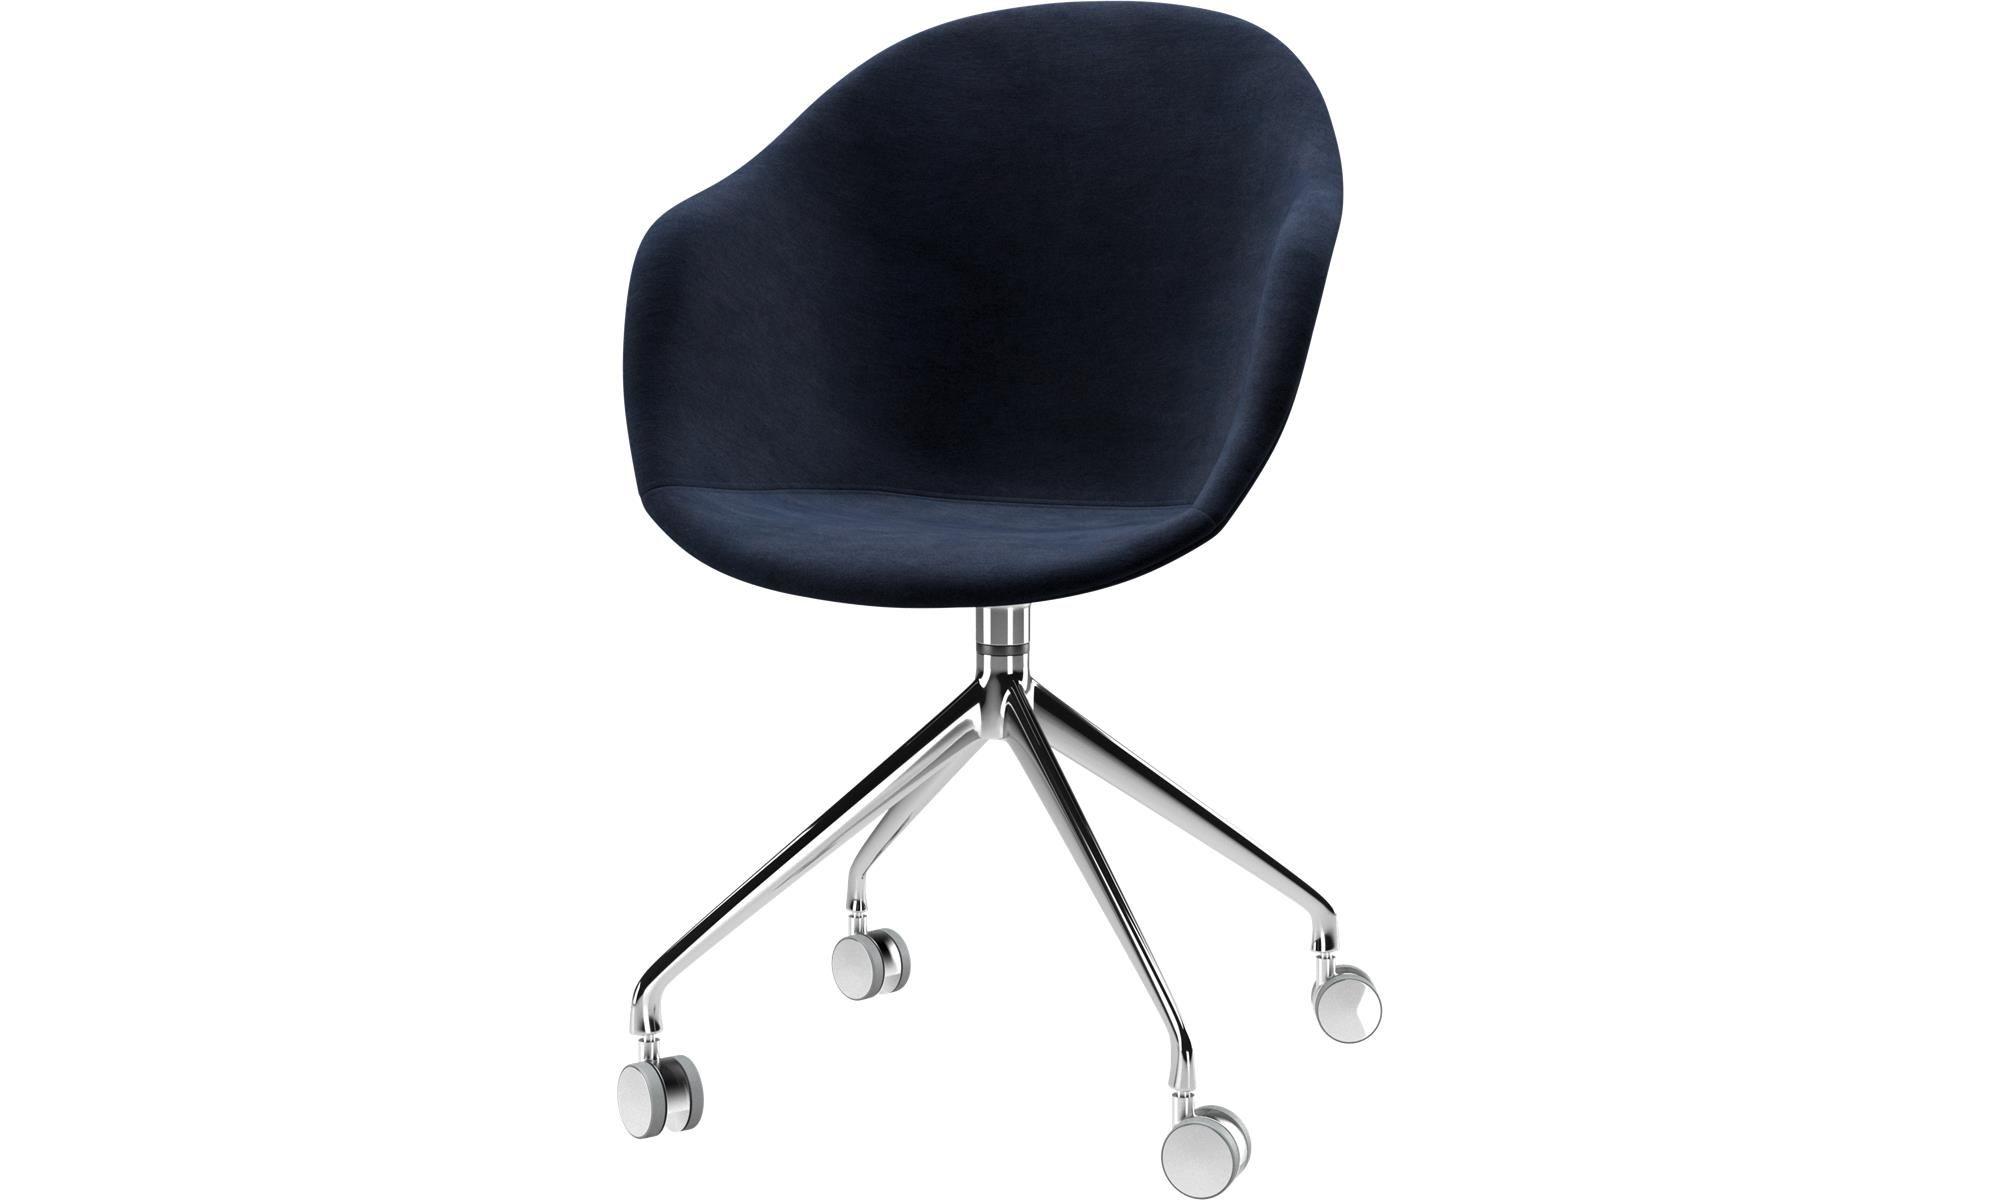 Chaises De Salle A Manger Chaise Adelaide A Roulettes Avec Fonction Pivotante Bleu Tissu Office Chair Design Office Chair Boconcept